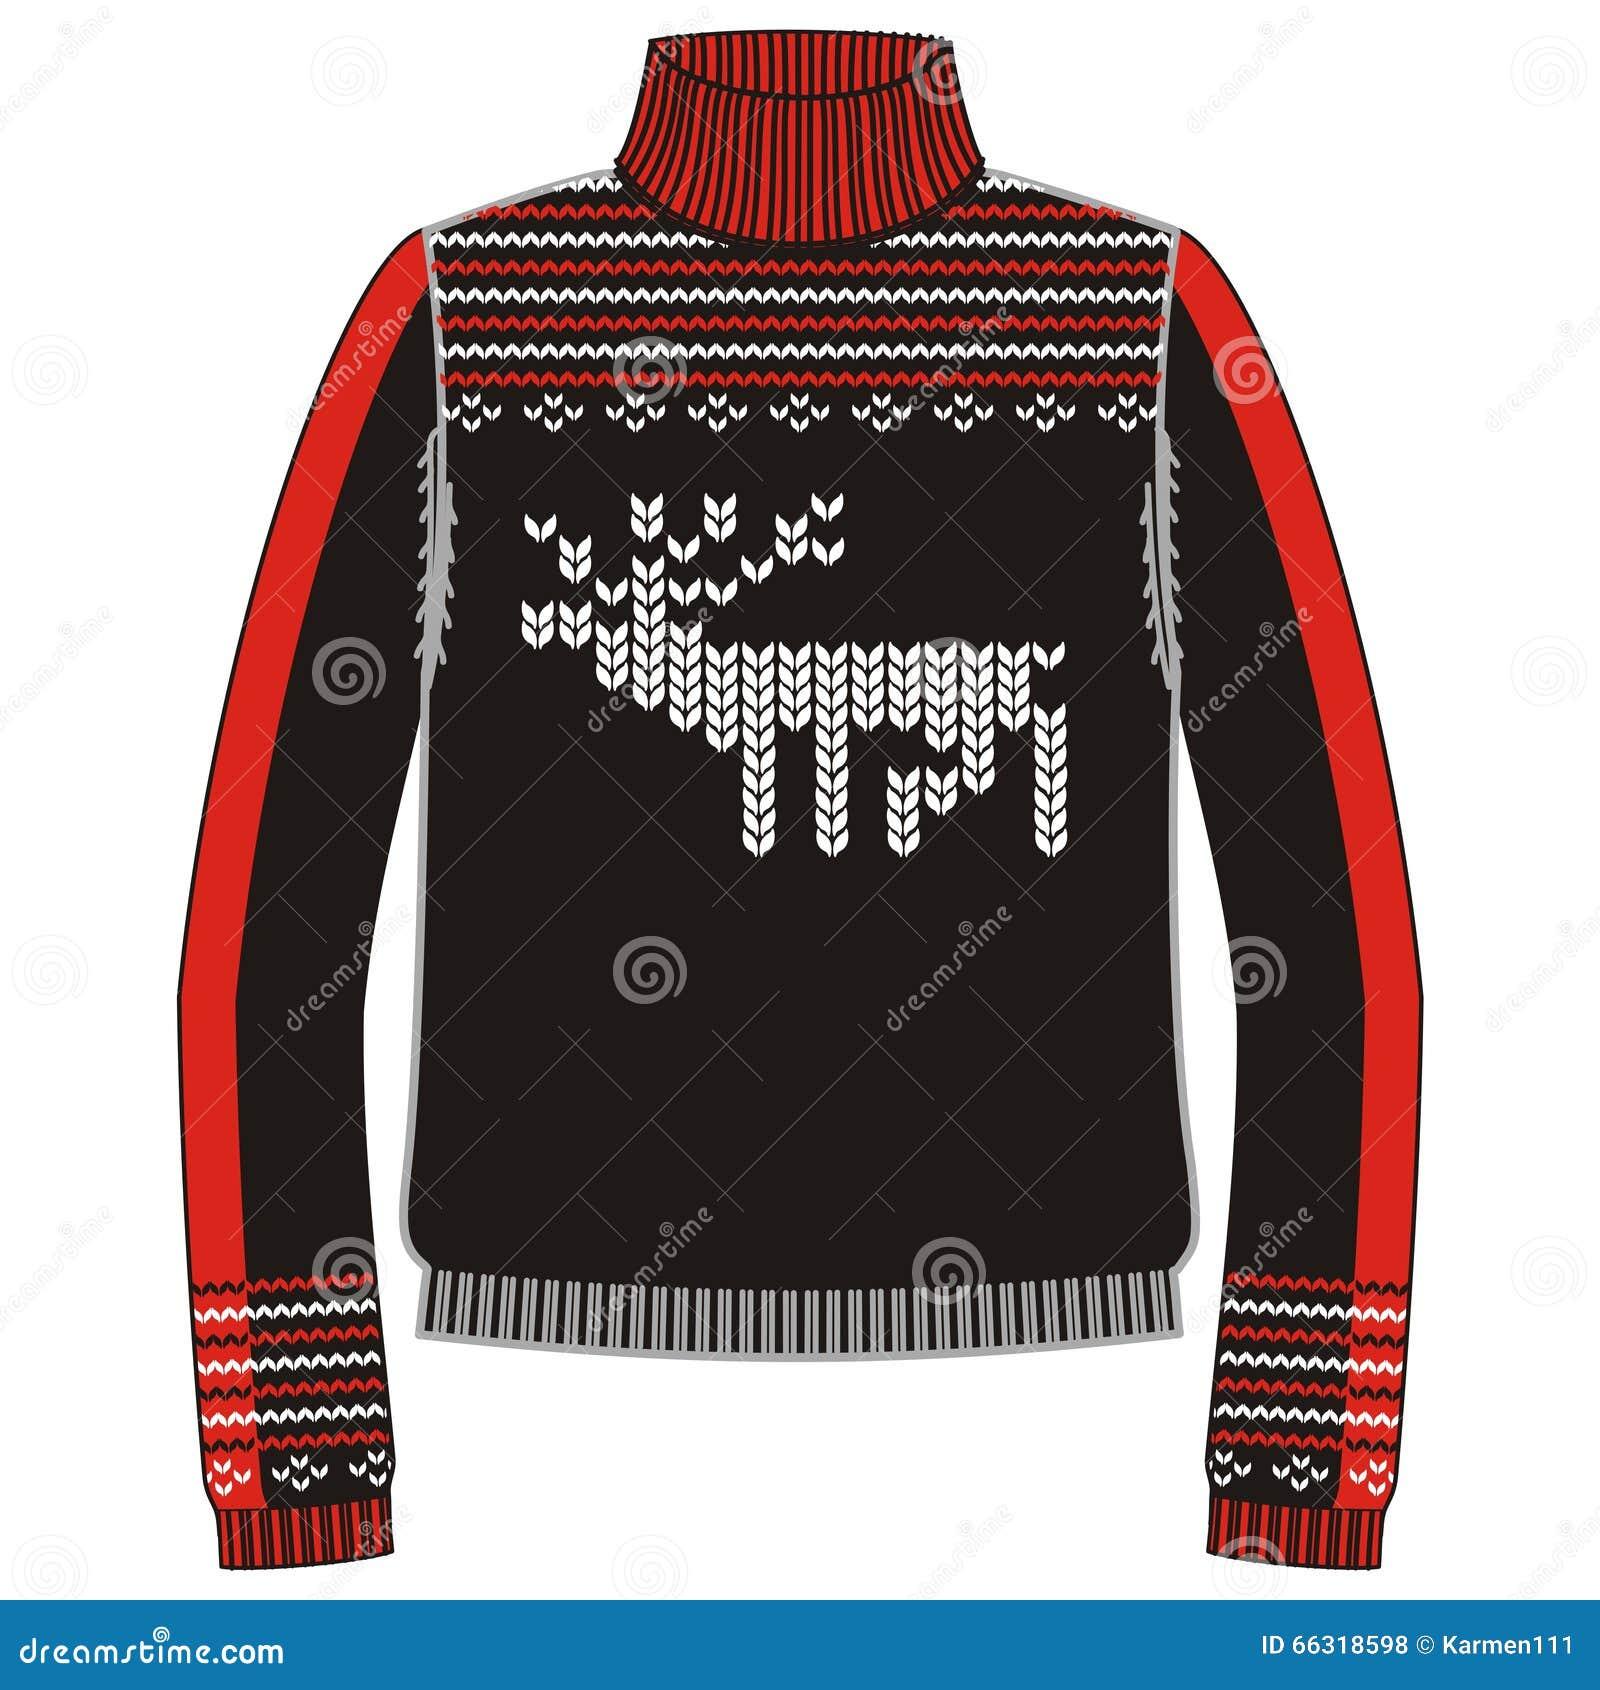 Свитер handmade, svitshot зимы теплый, шлямбур для knit, черного цвета Дизайн - снежинки, картина жаккарда северного оленя